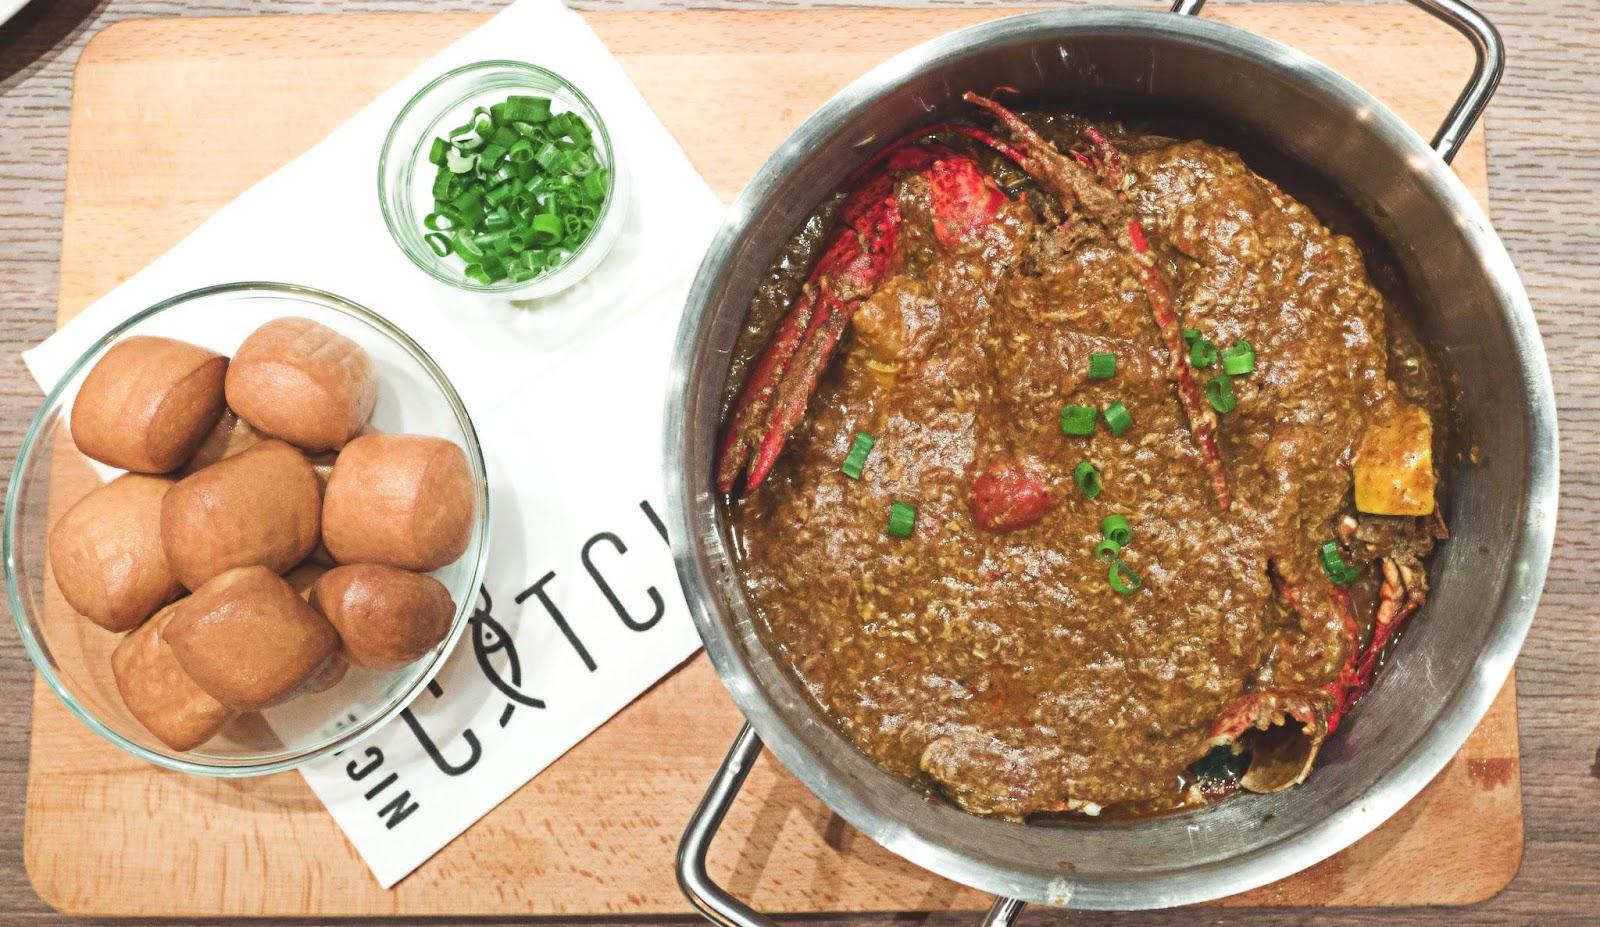 f-feast-L1100529.jpg